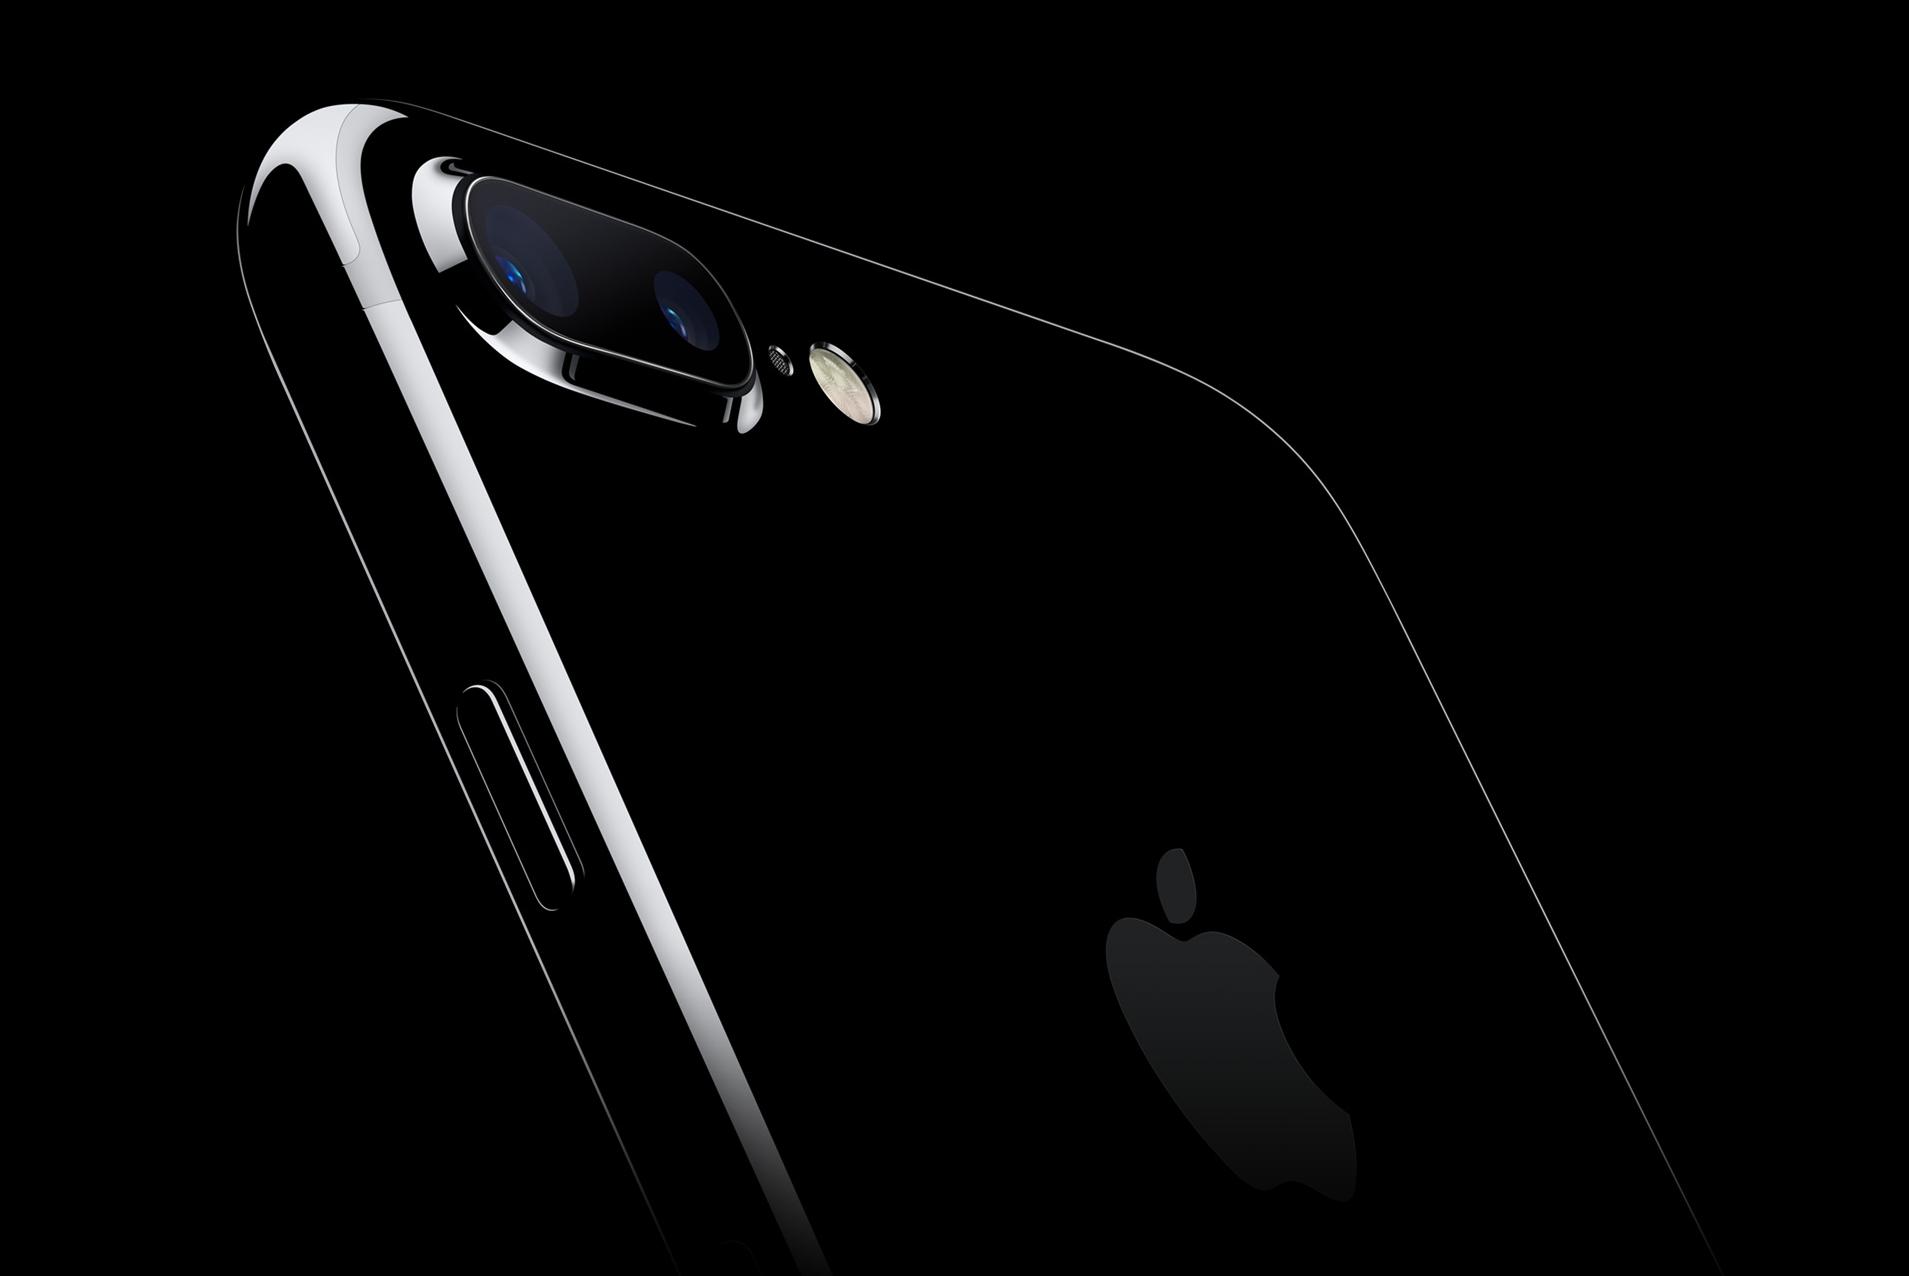 Le processeur de l'iPhone 7 est 120 plus puissant que l'iPhone 2G